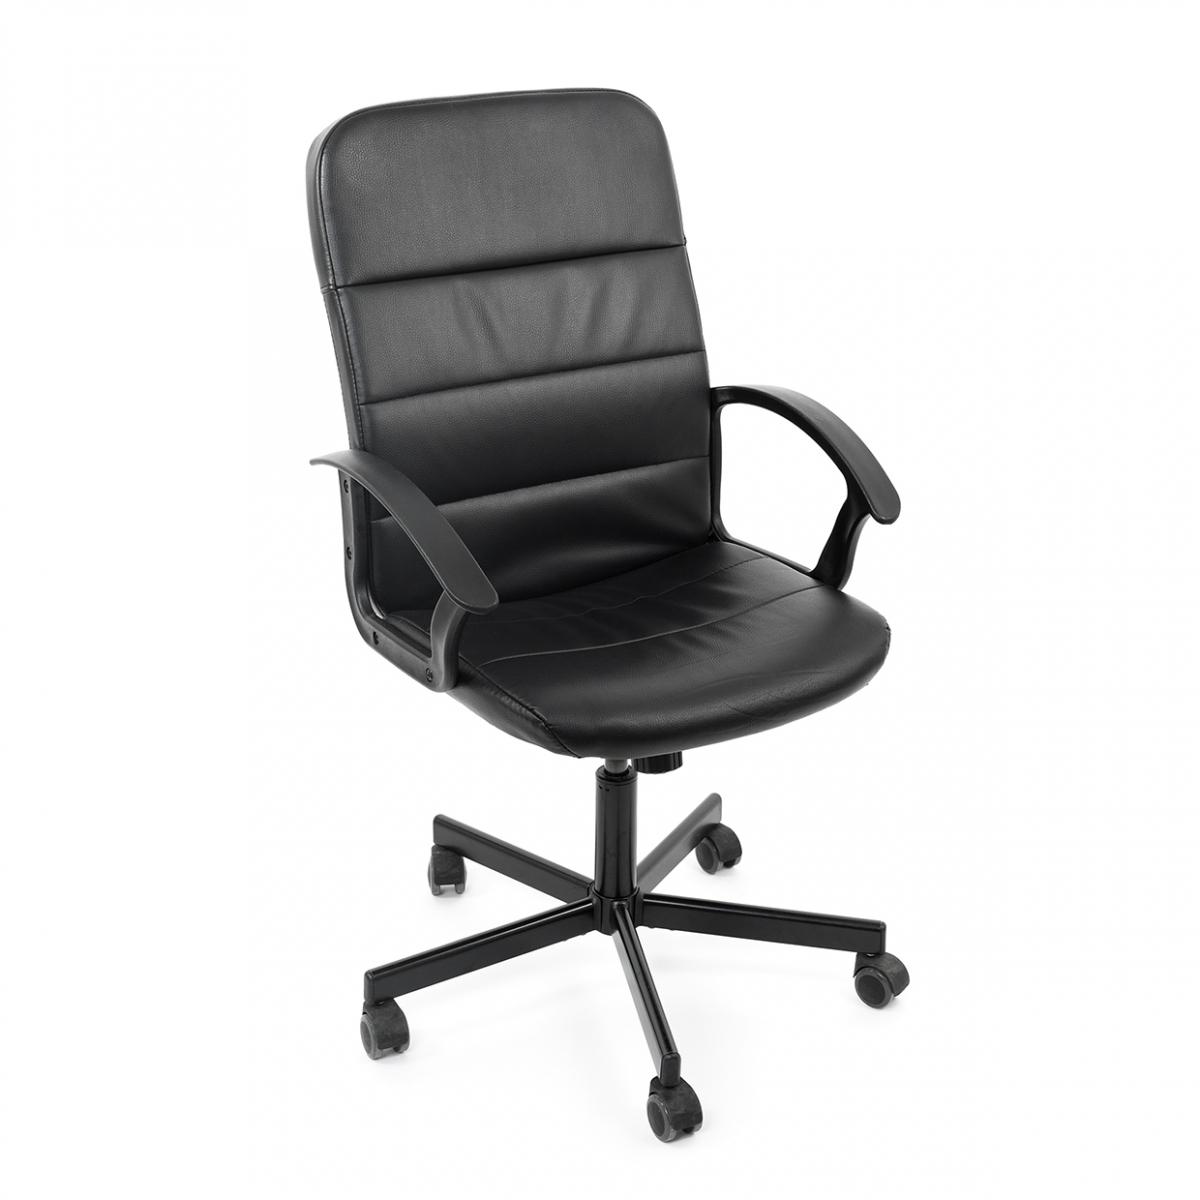 Imagen en la que se ve una silla de oficina